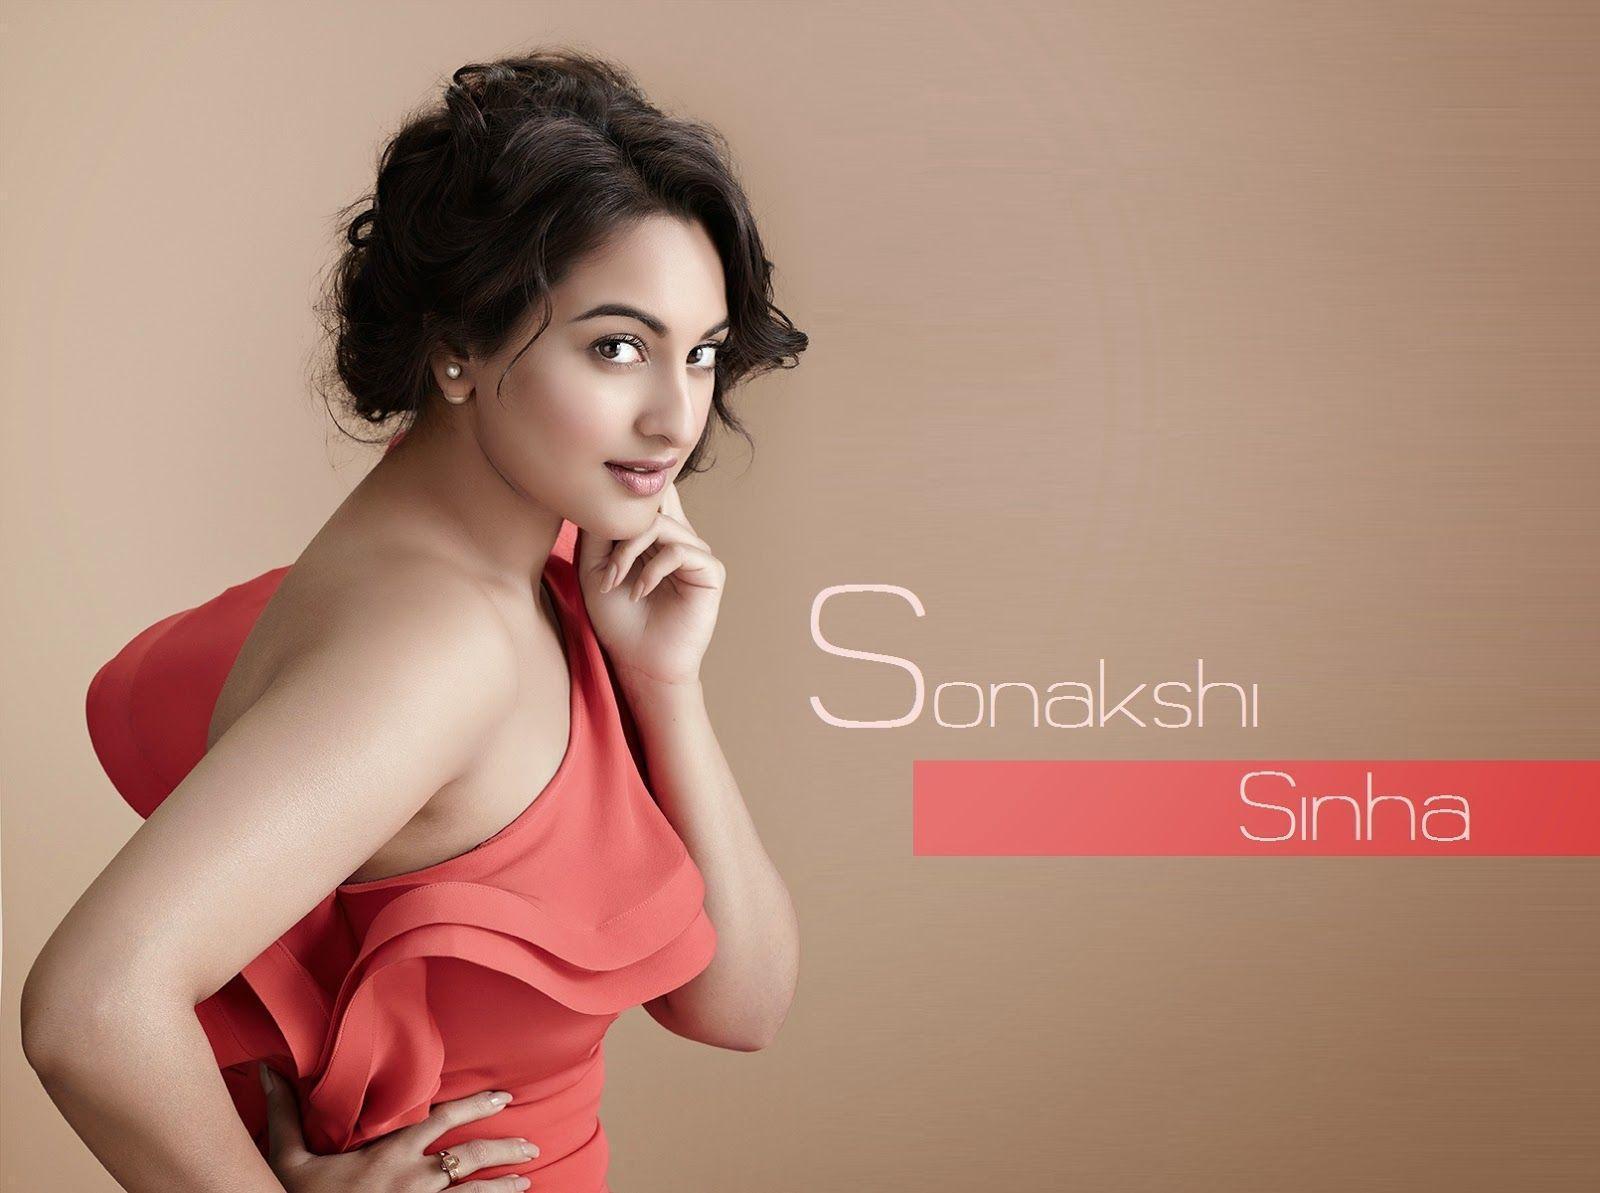 Sonakshi_Sinha_wallpaper_96153113